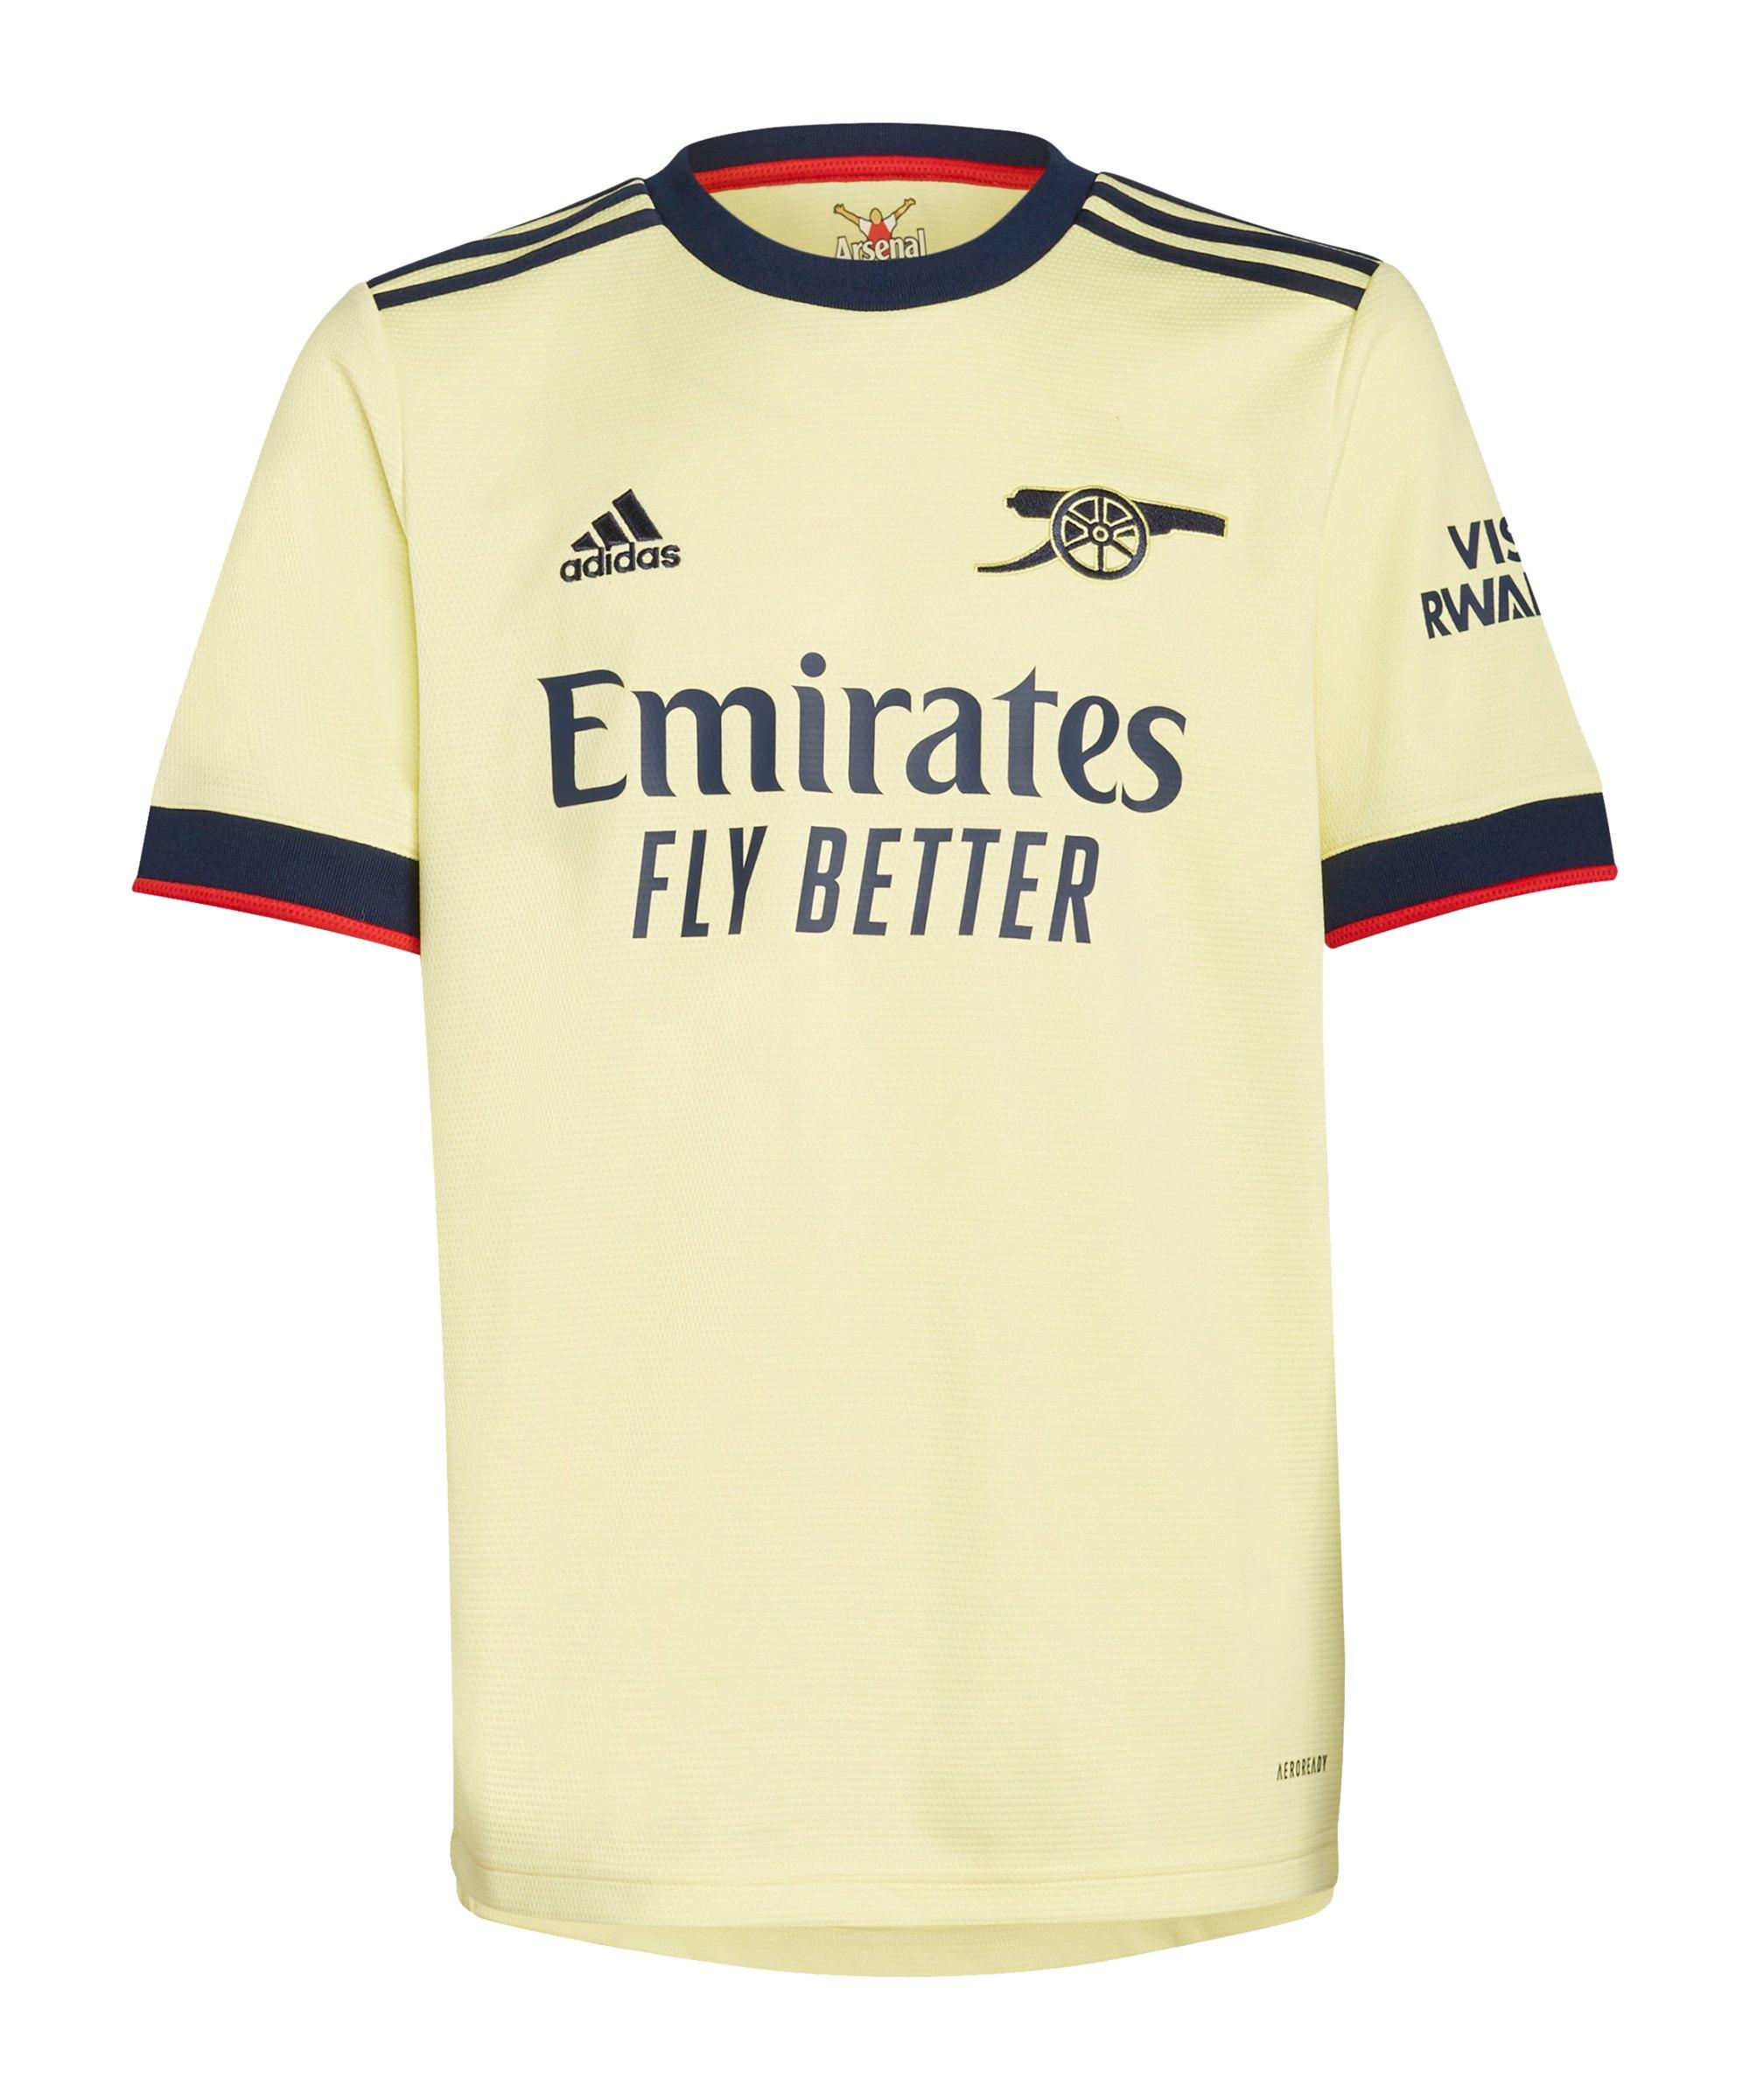 adidas FC Arsenal London Trikot Away 2021/2022 Kids Gelb - gelb